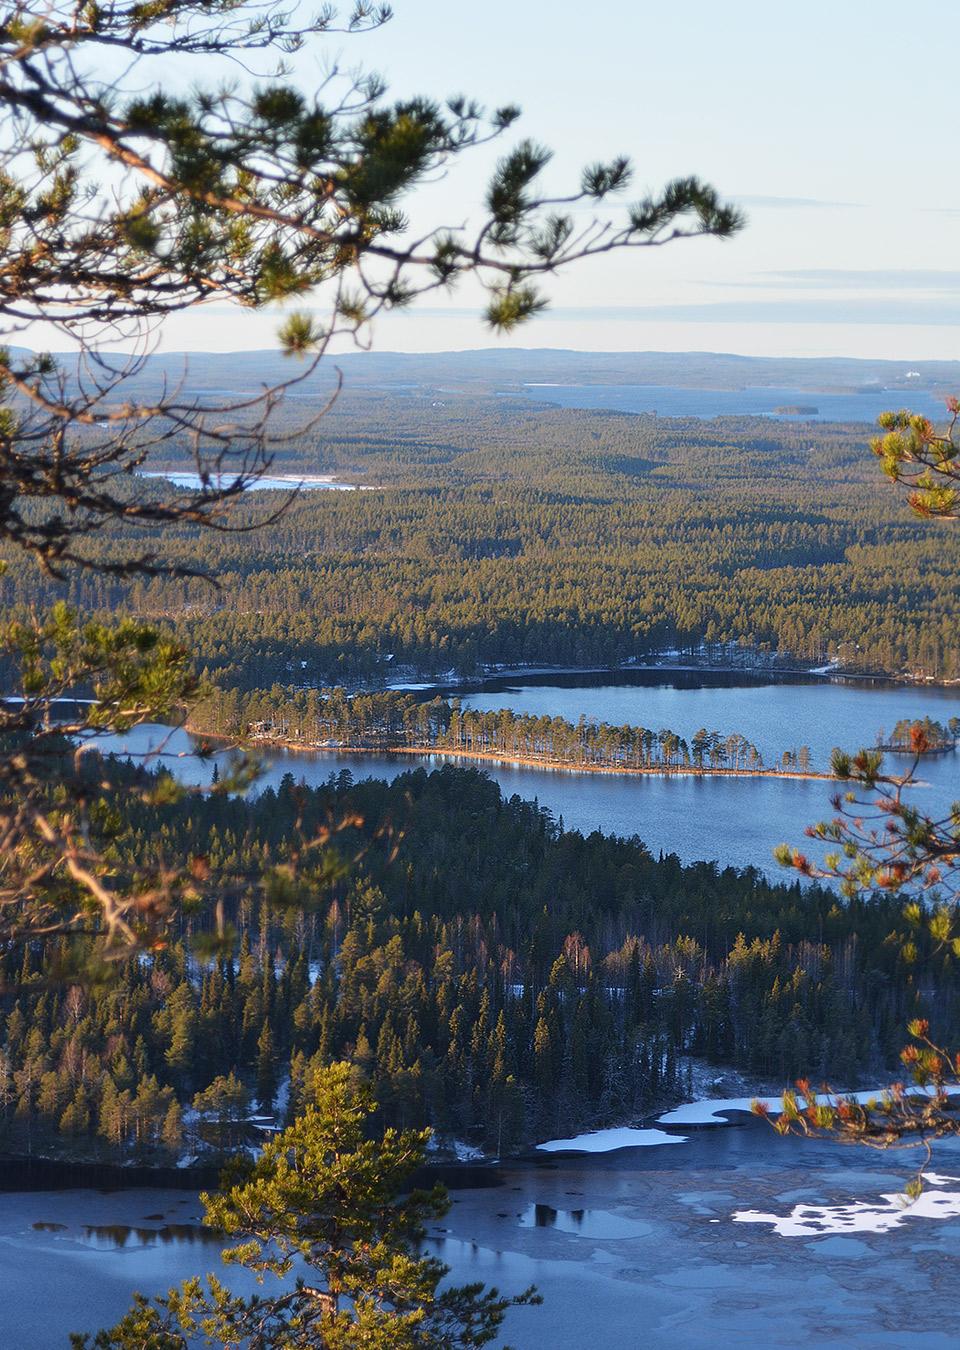 Osittain jäätynyt järvi ja maisemaa kiivetessä kohti Suolammen laavua